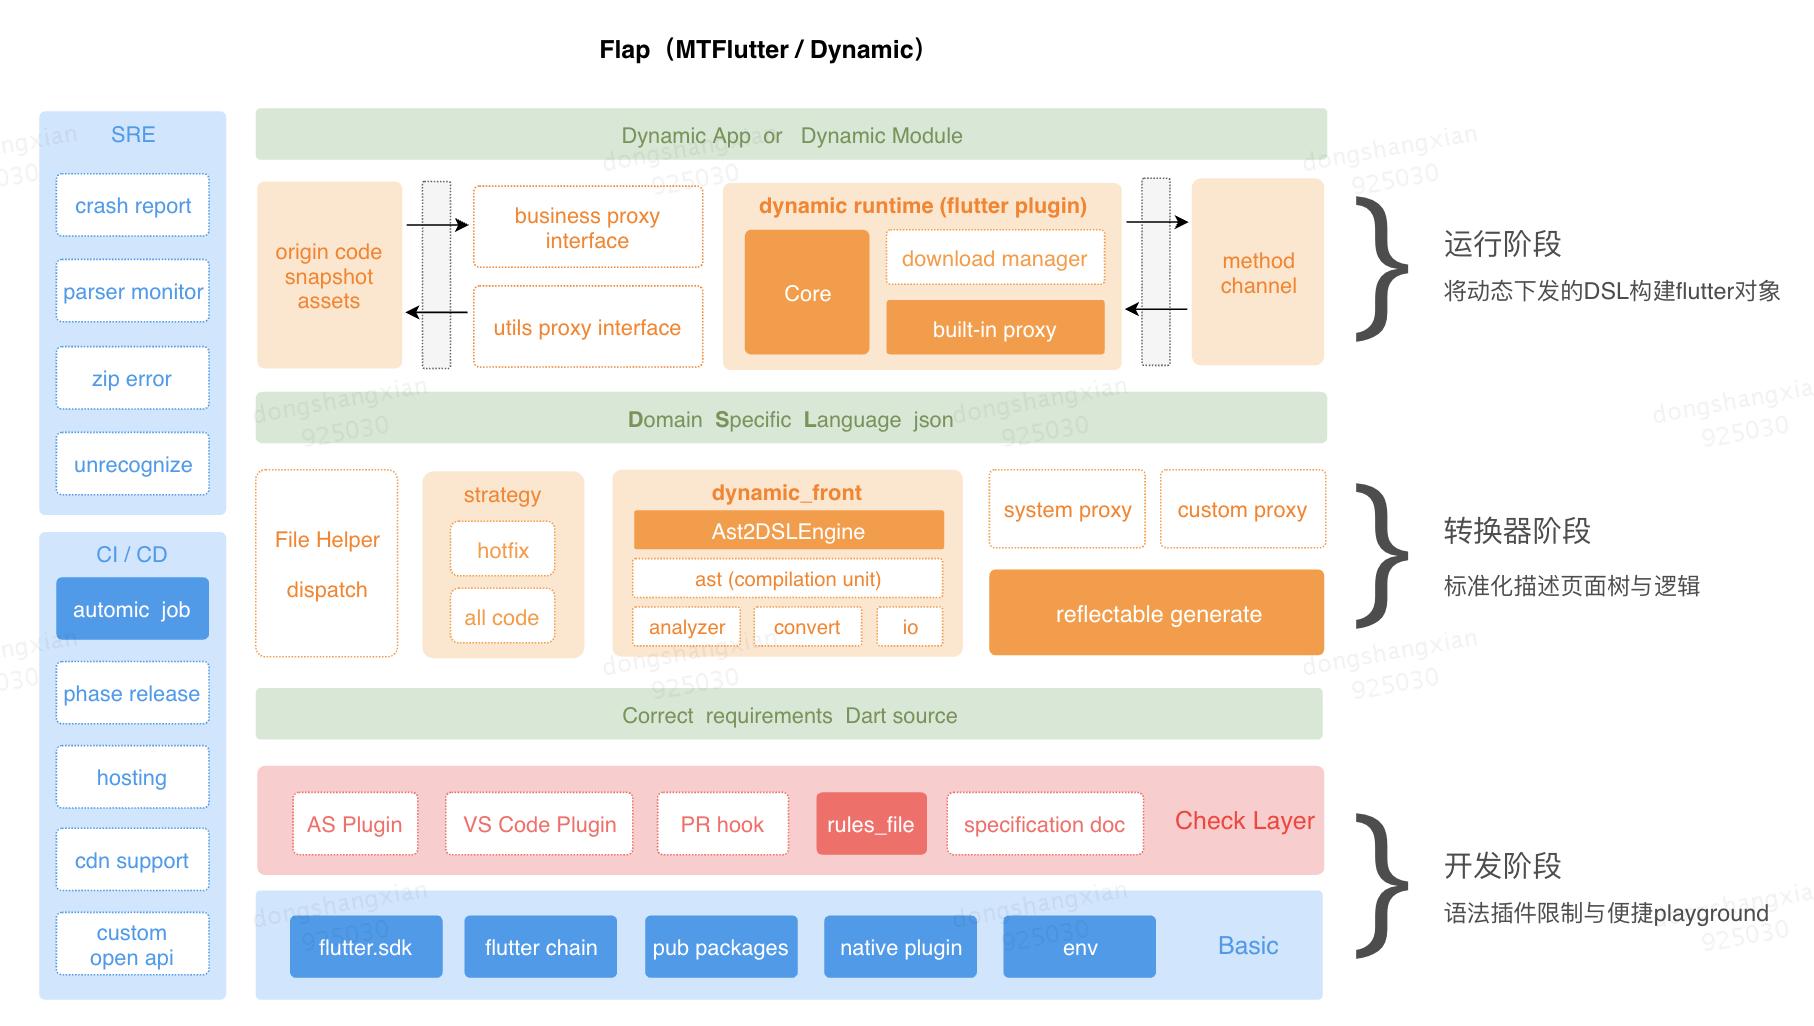 图1 Flap整体架构